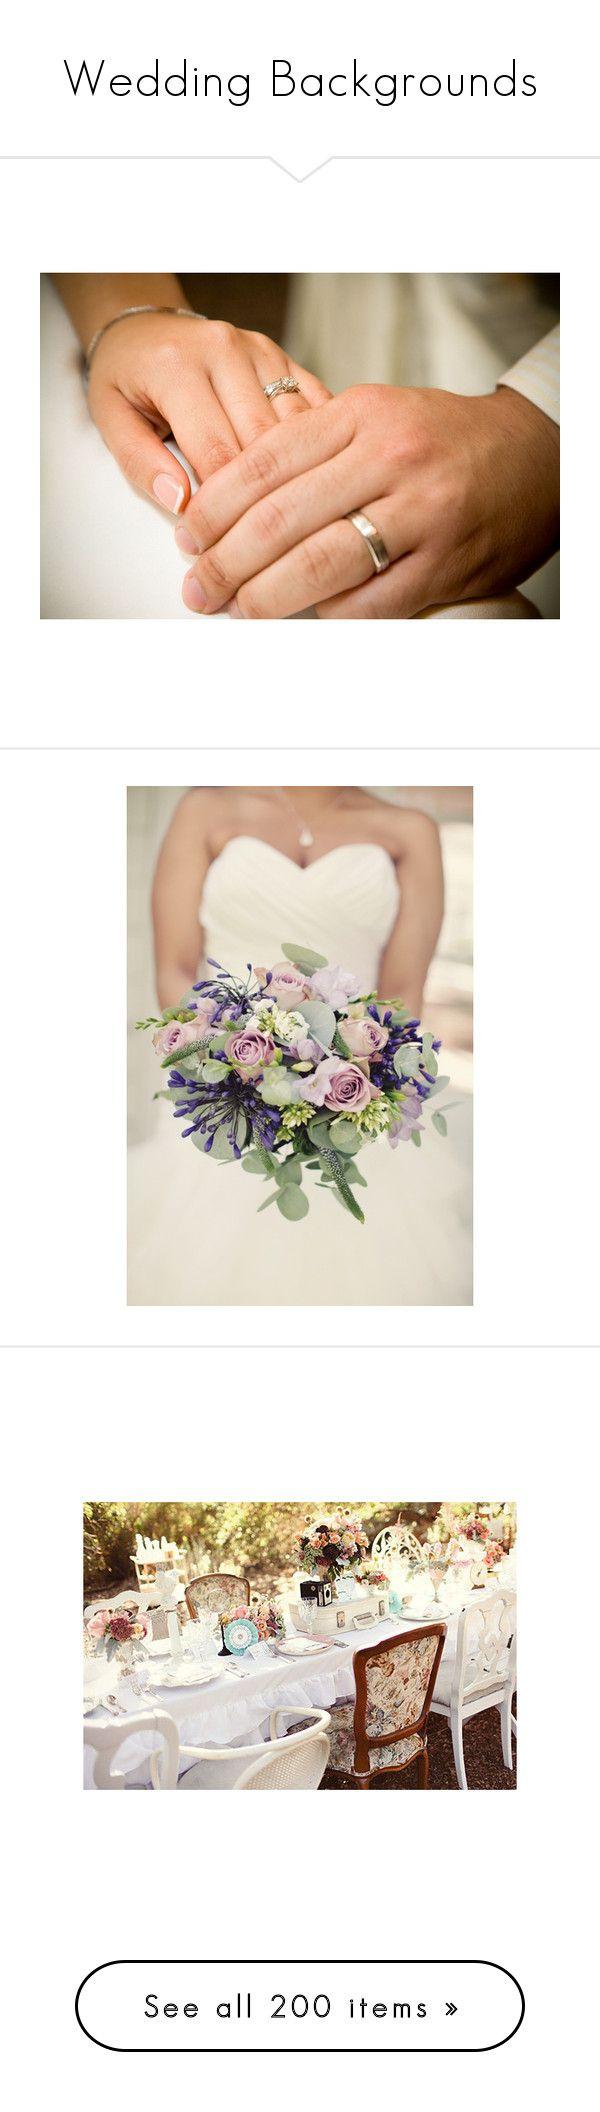 Wedding Backgrounds\